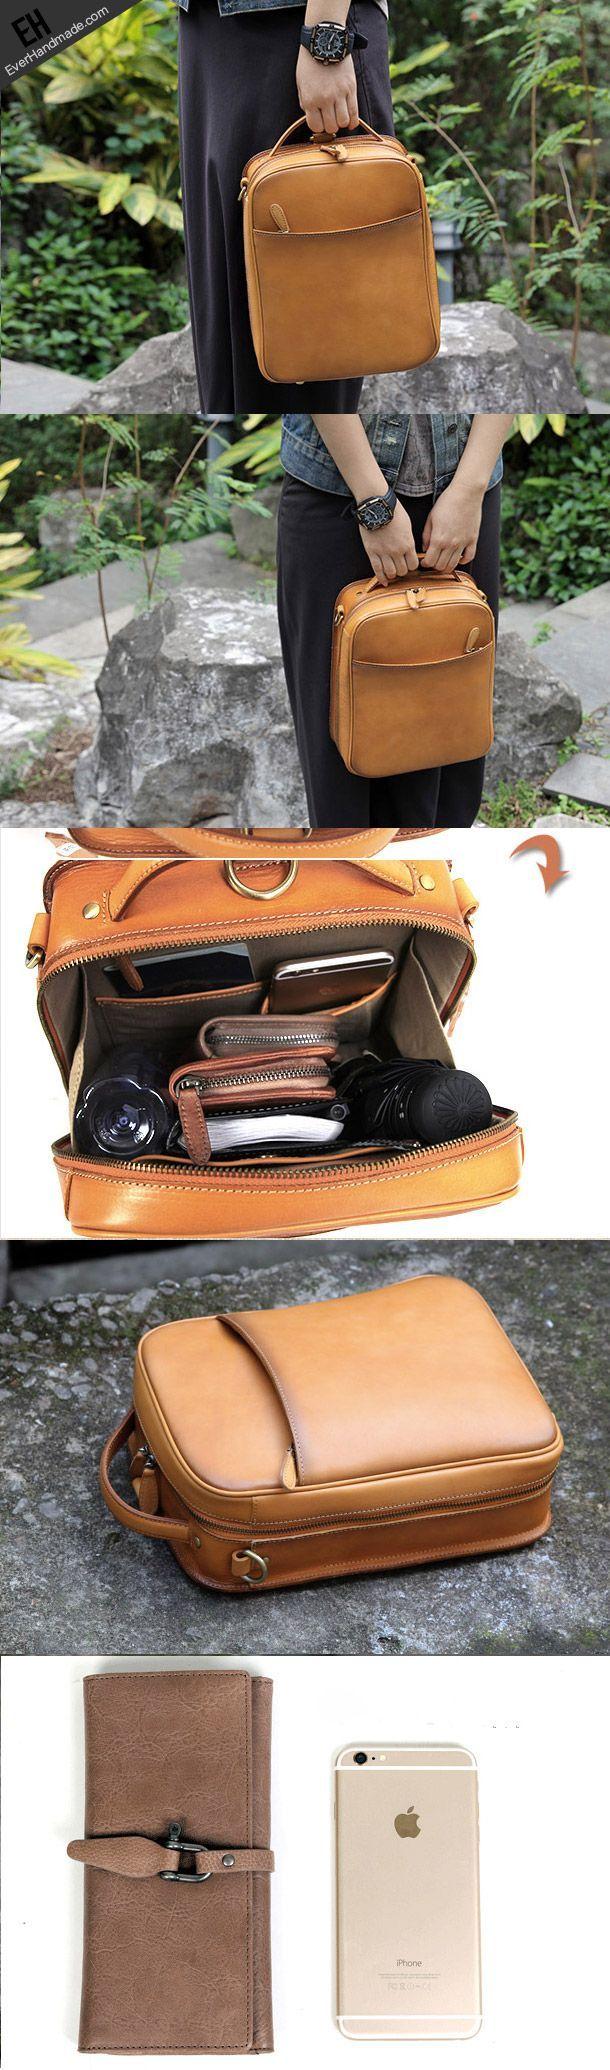 Handmade vintage satchel leather normal messenger bag beige shoulder bag for women #purses #handbags